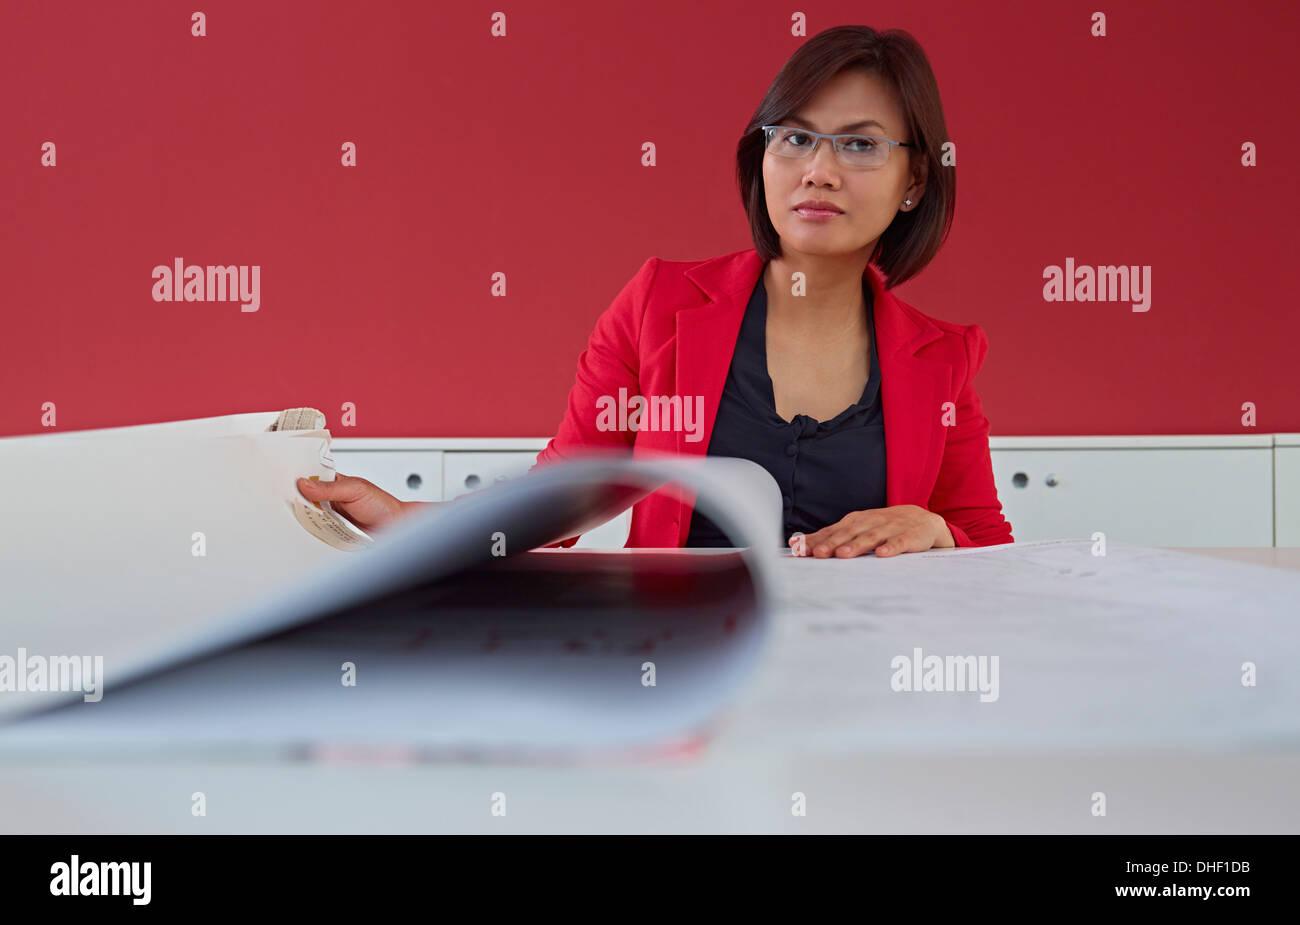 Female architect with blueprints - Stock Image